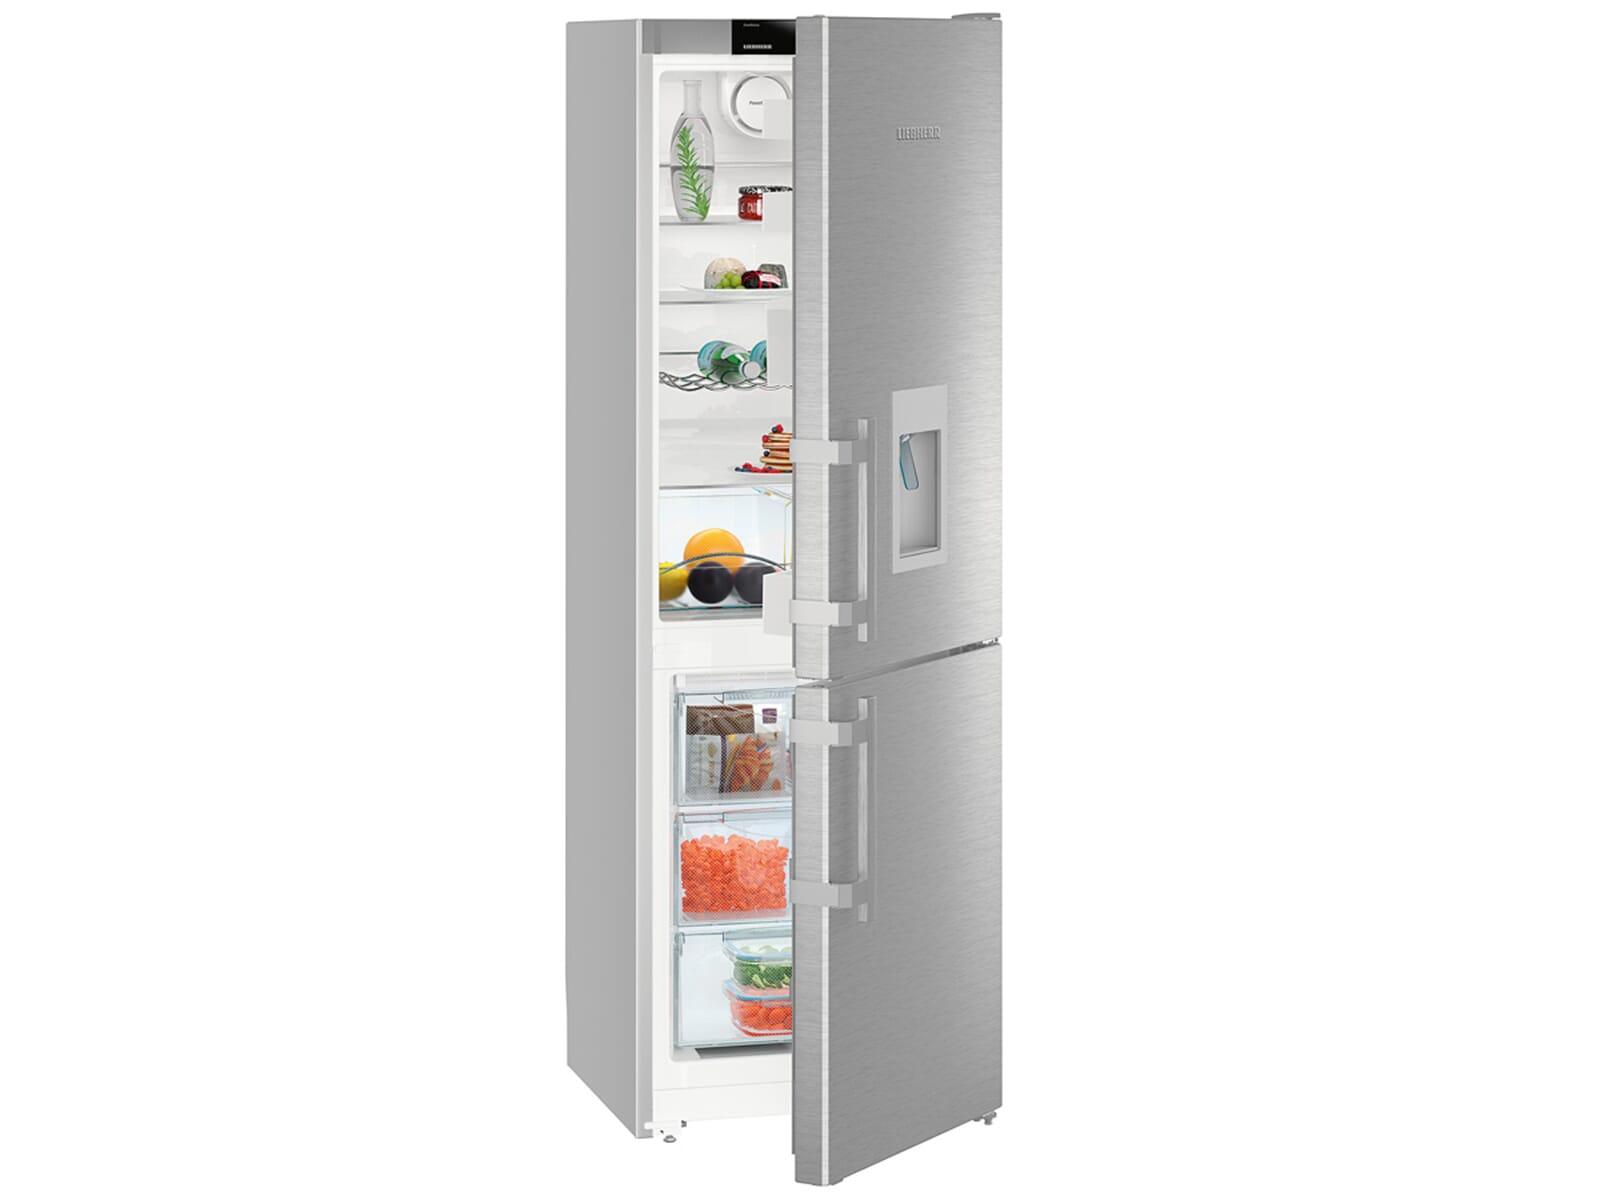 Retro Kühlschrank Liebherr : Liebherr cnef comfort kühl gefrierkombination edelstahl a